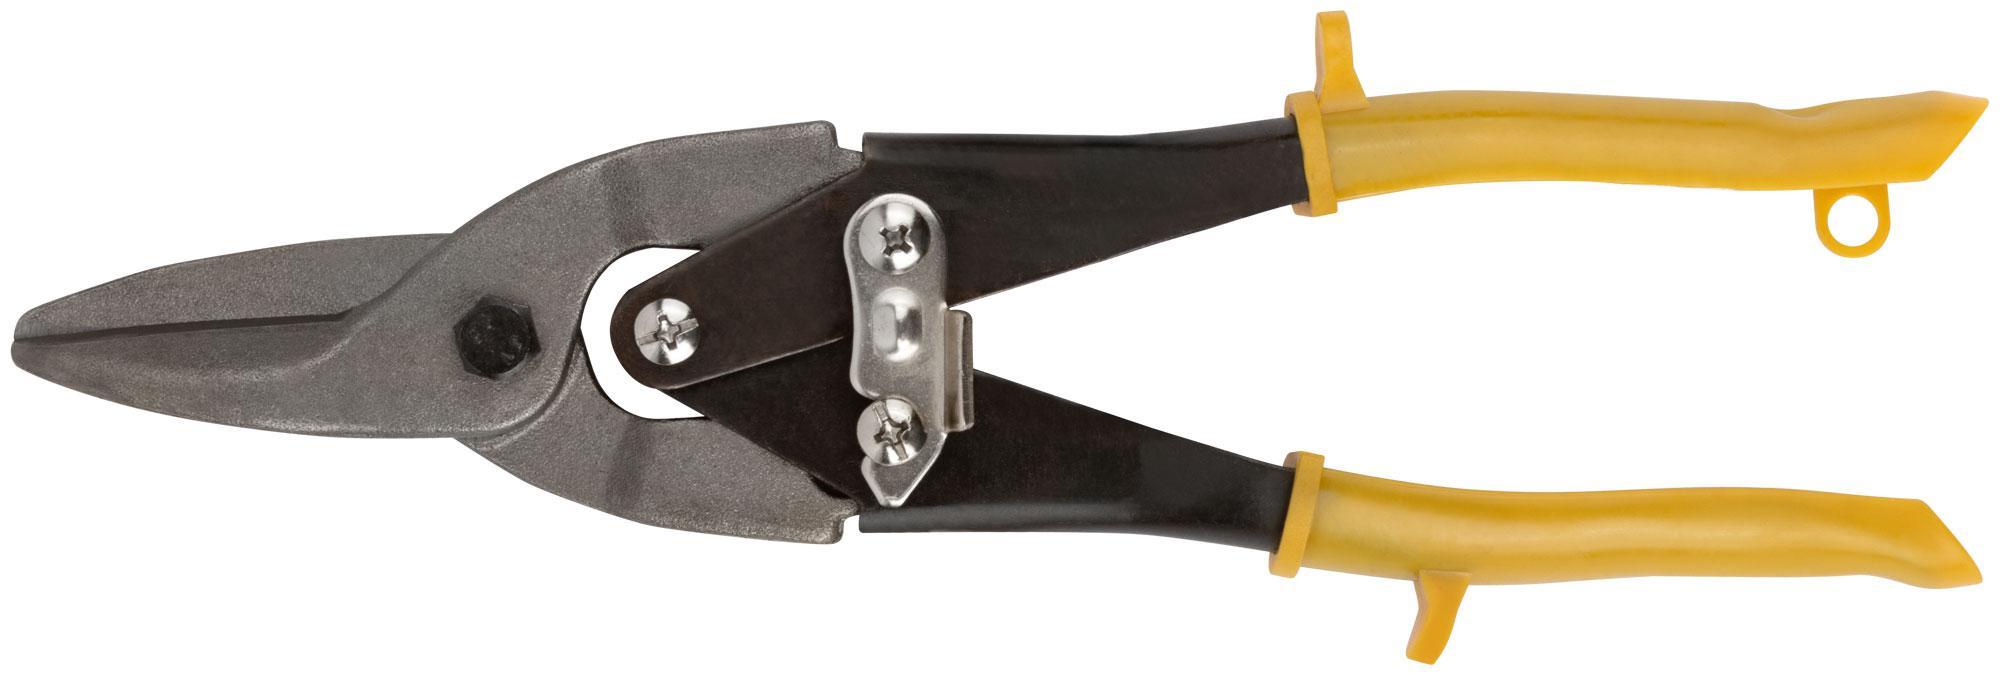 Ножницы Fit 41451